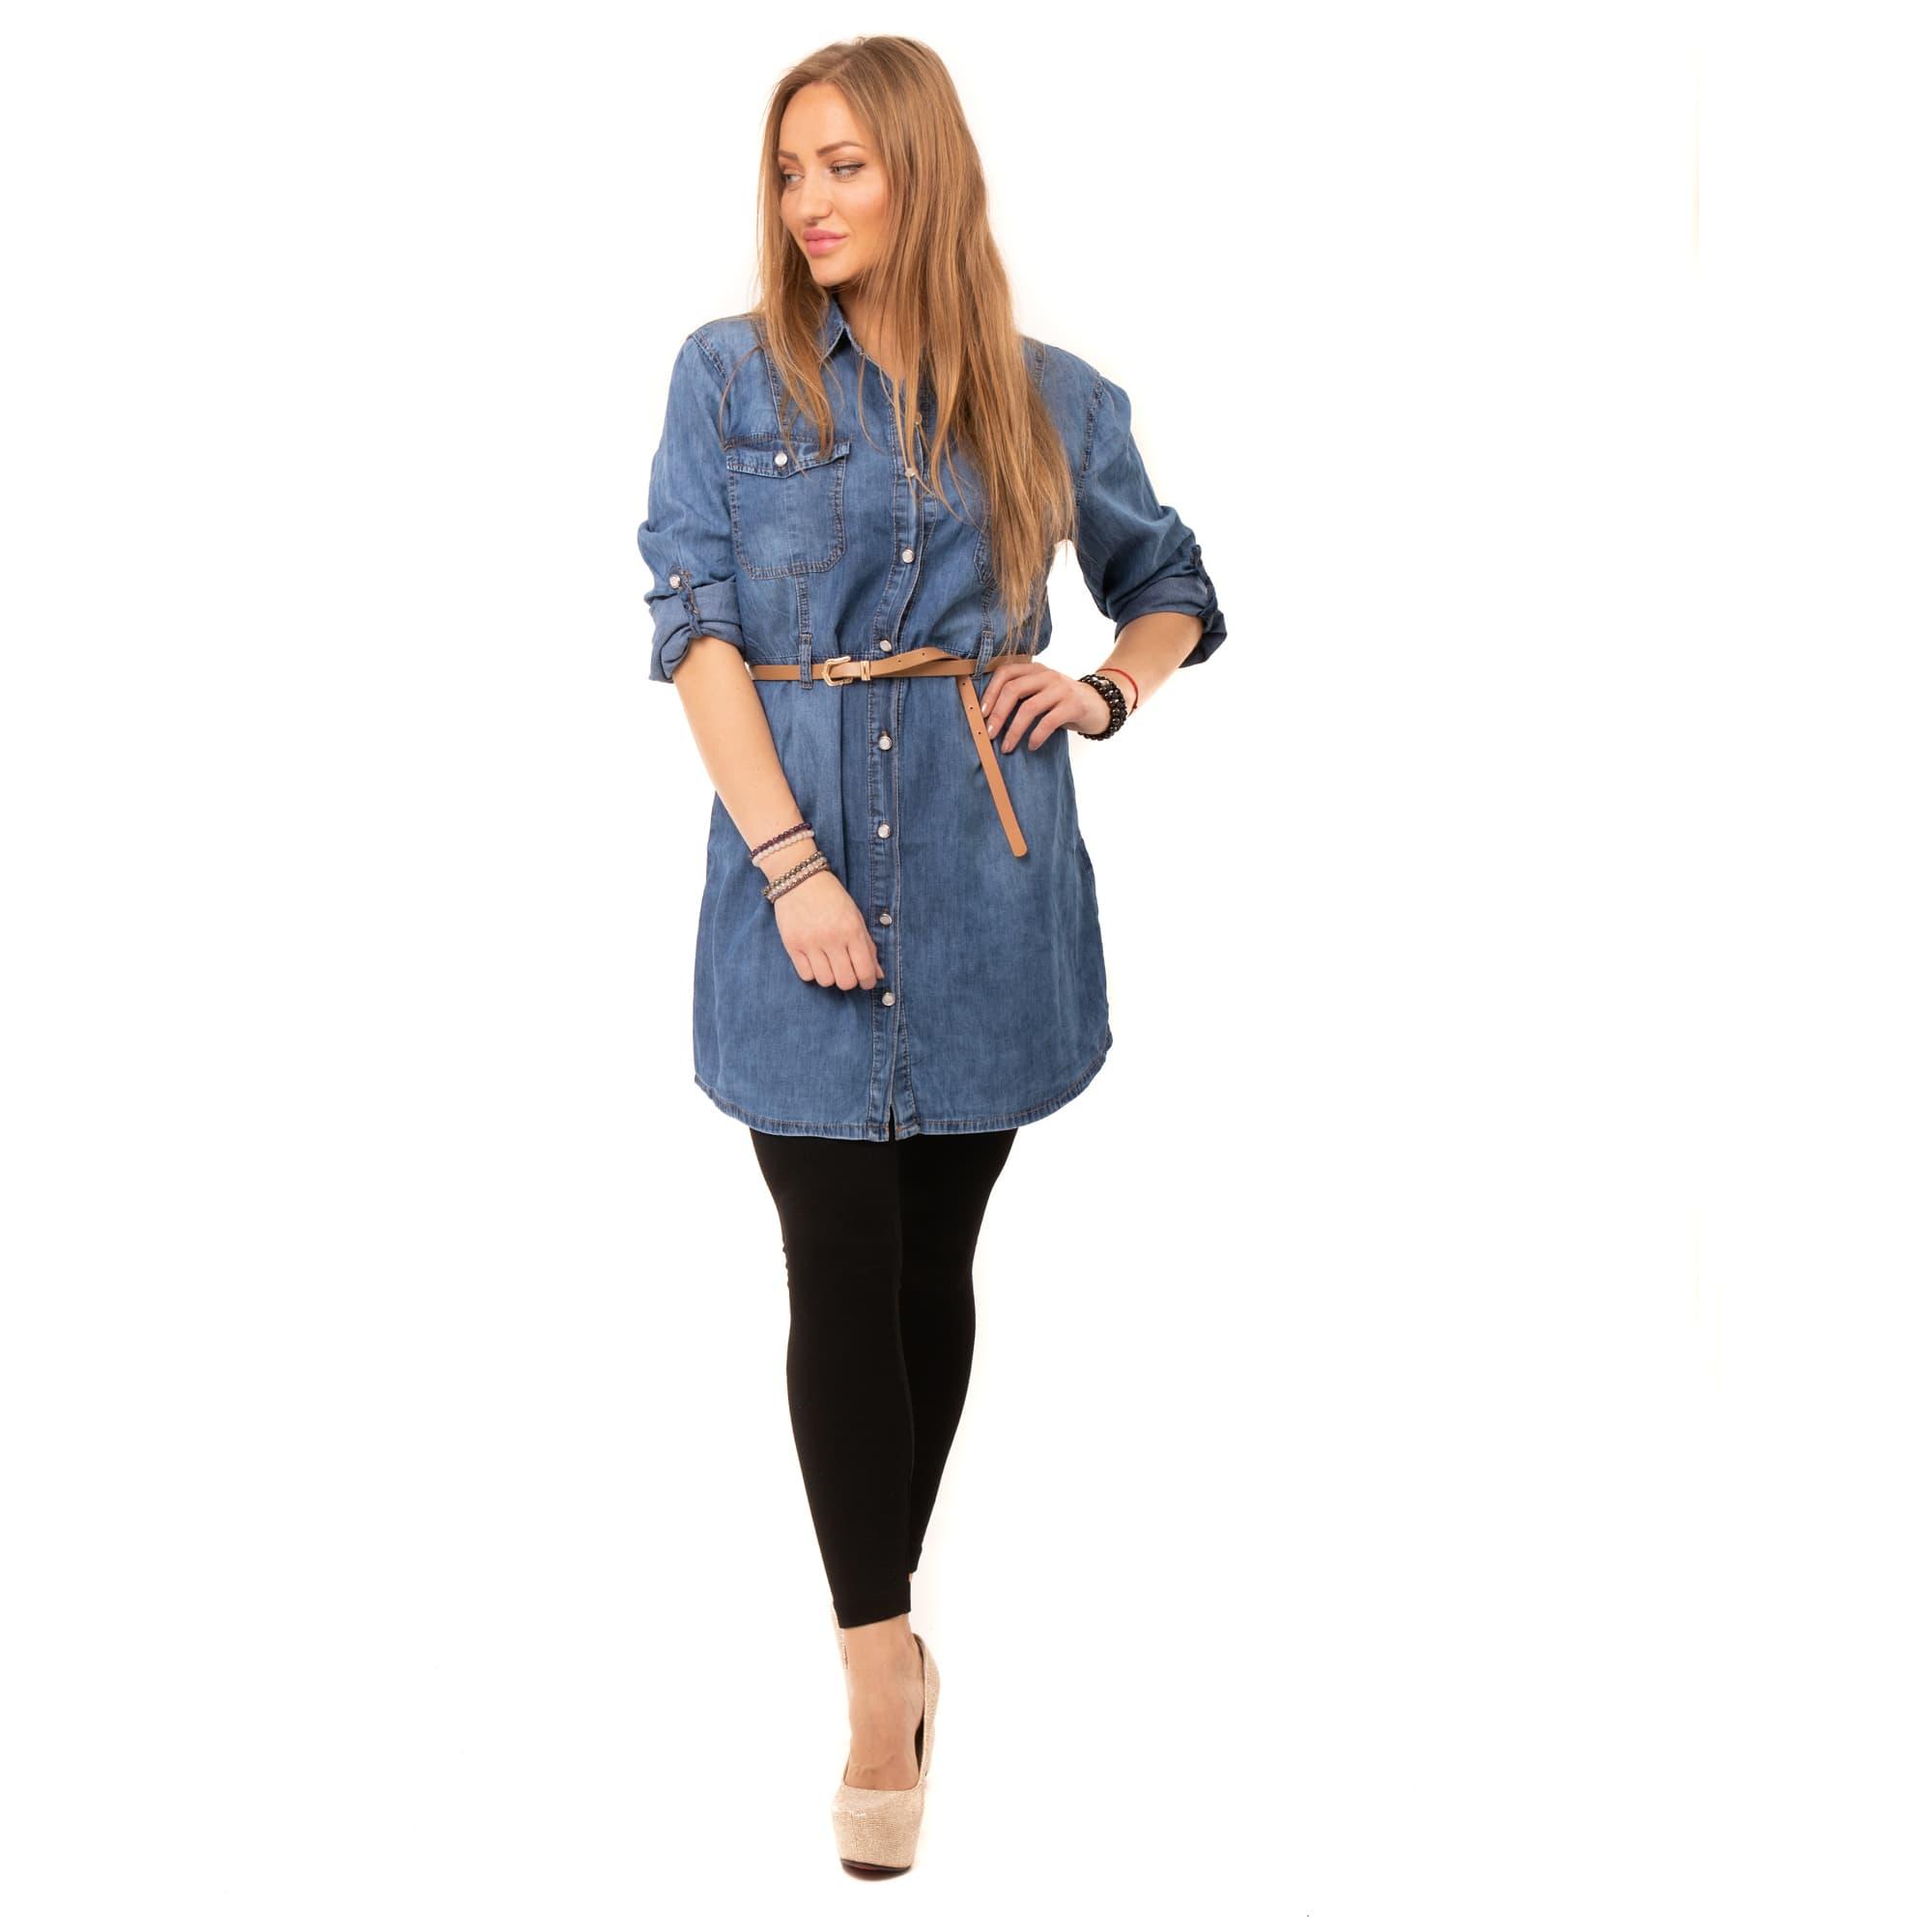 1b96ca9a79d2 Dámska móda a doplnky - Košeľová jeans tunika k legínam - modrá ...